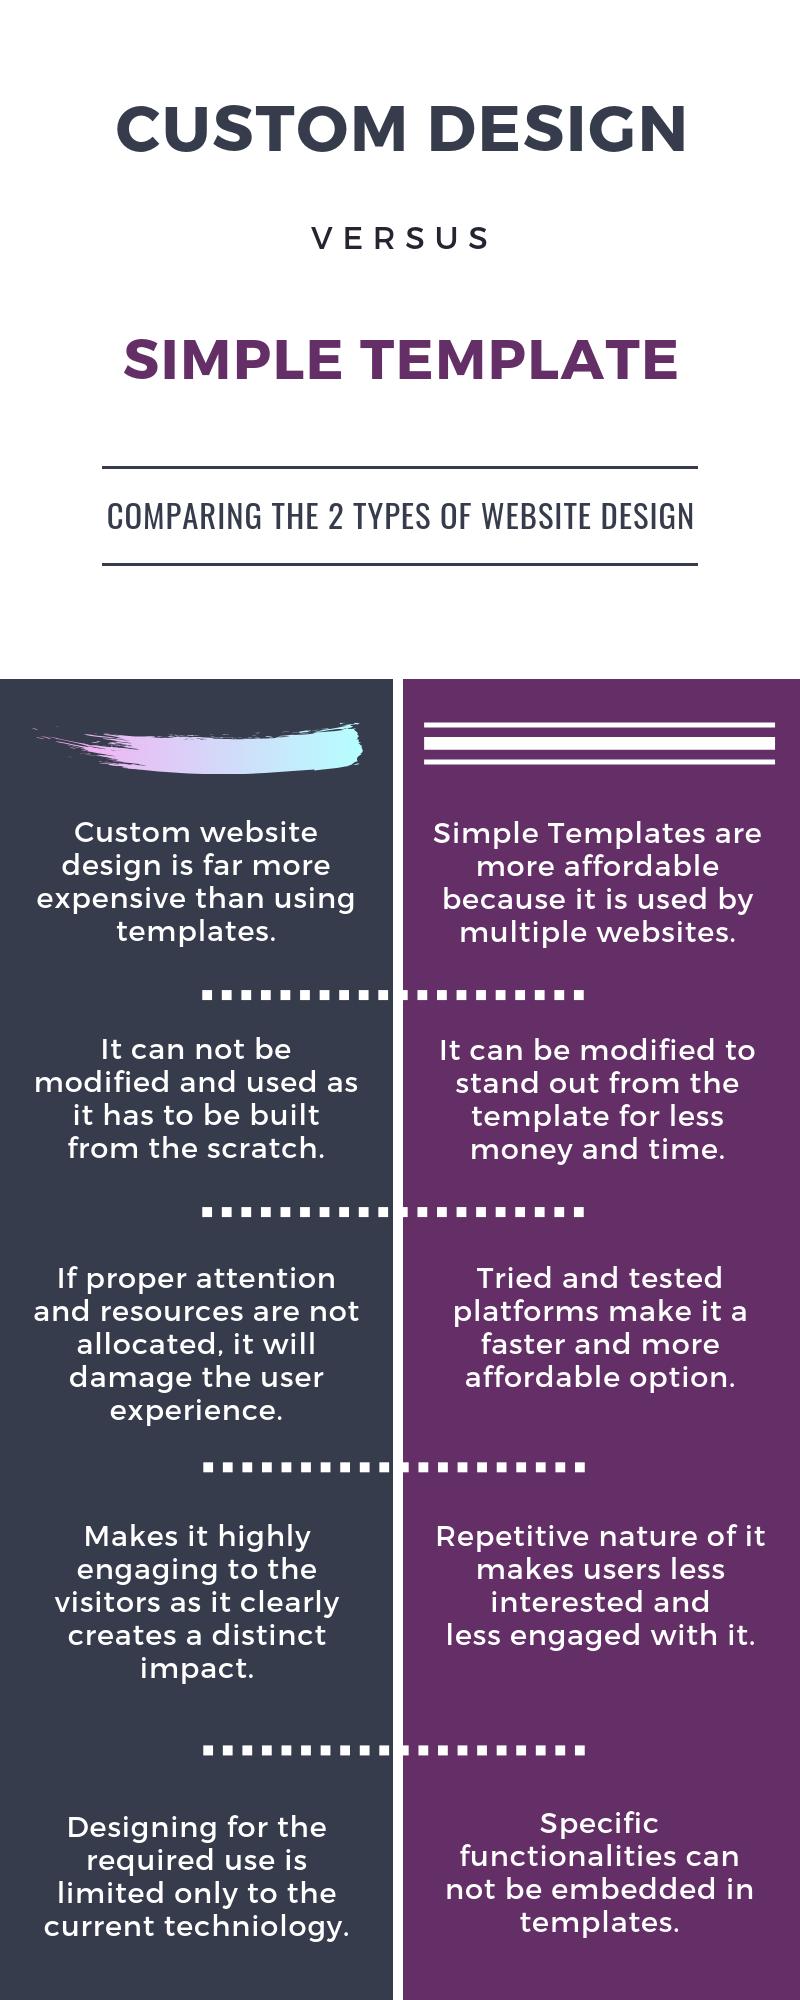 Custom Design Vs Simple Template.png